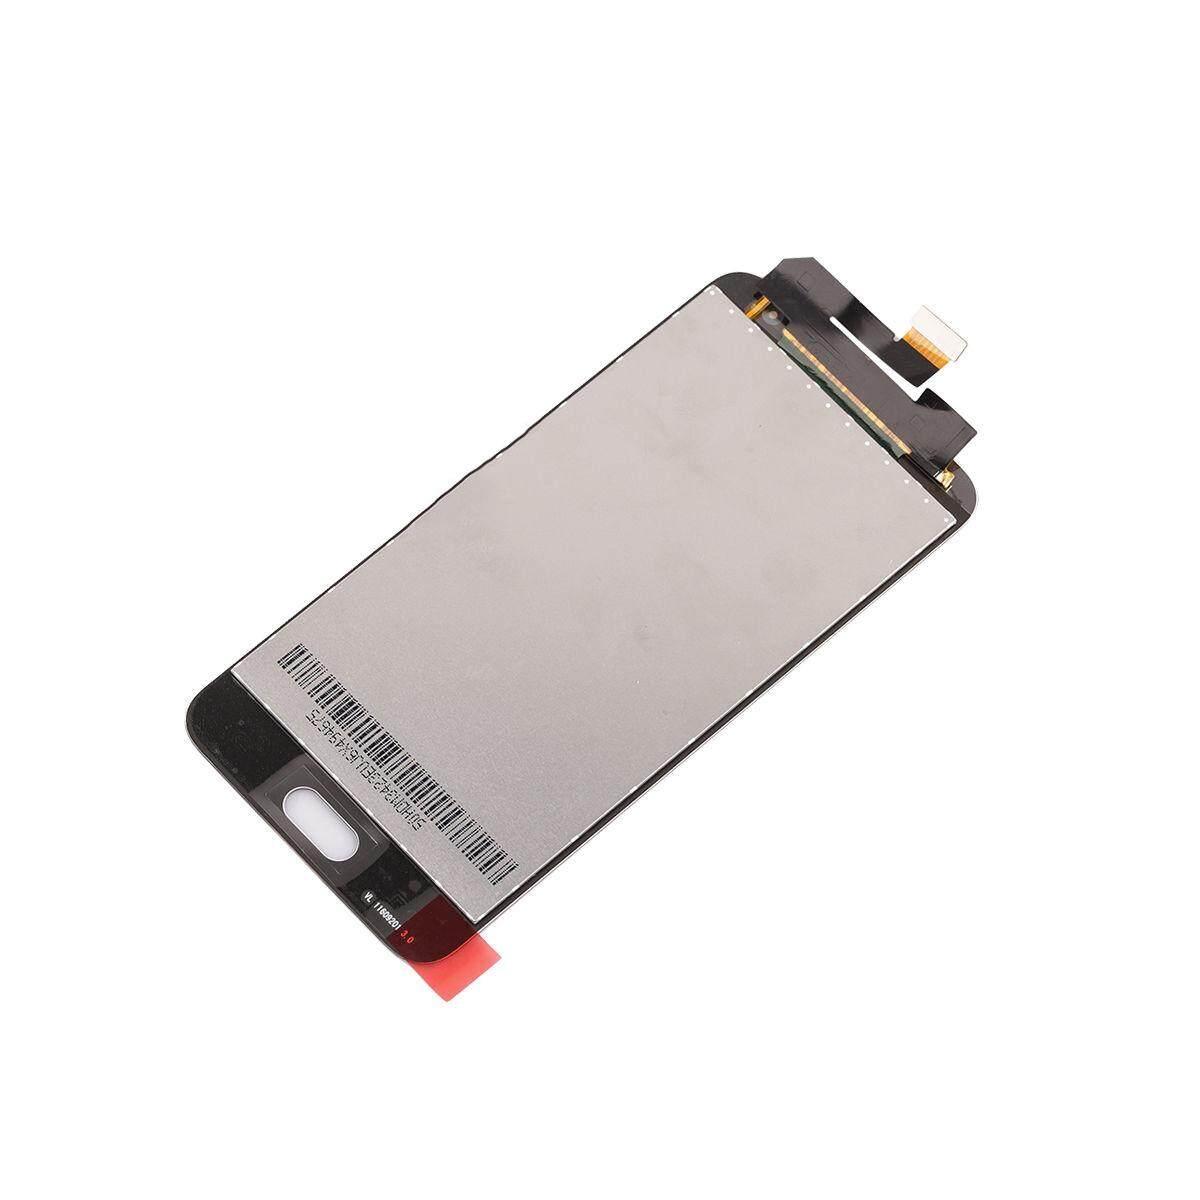 Fitur Lcd Display Dengan Membongkar Alat Untuk Samsung Galaxy J5 On5 G5510 Ram 2gb 16gb Gold For Prime G5700 G570f 4g Touch Screen Digitizer 2